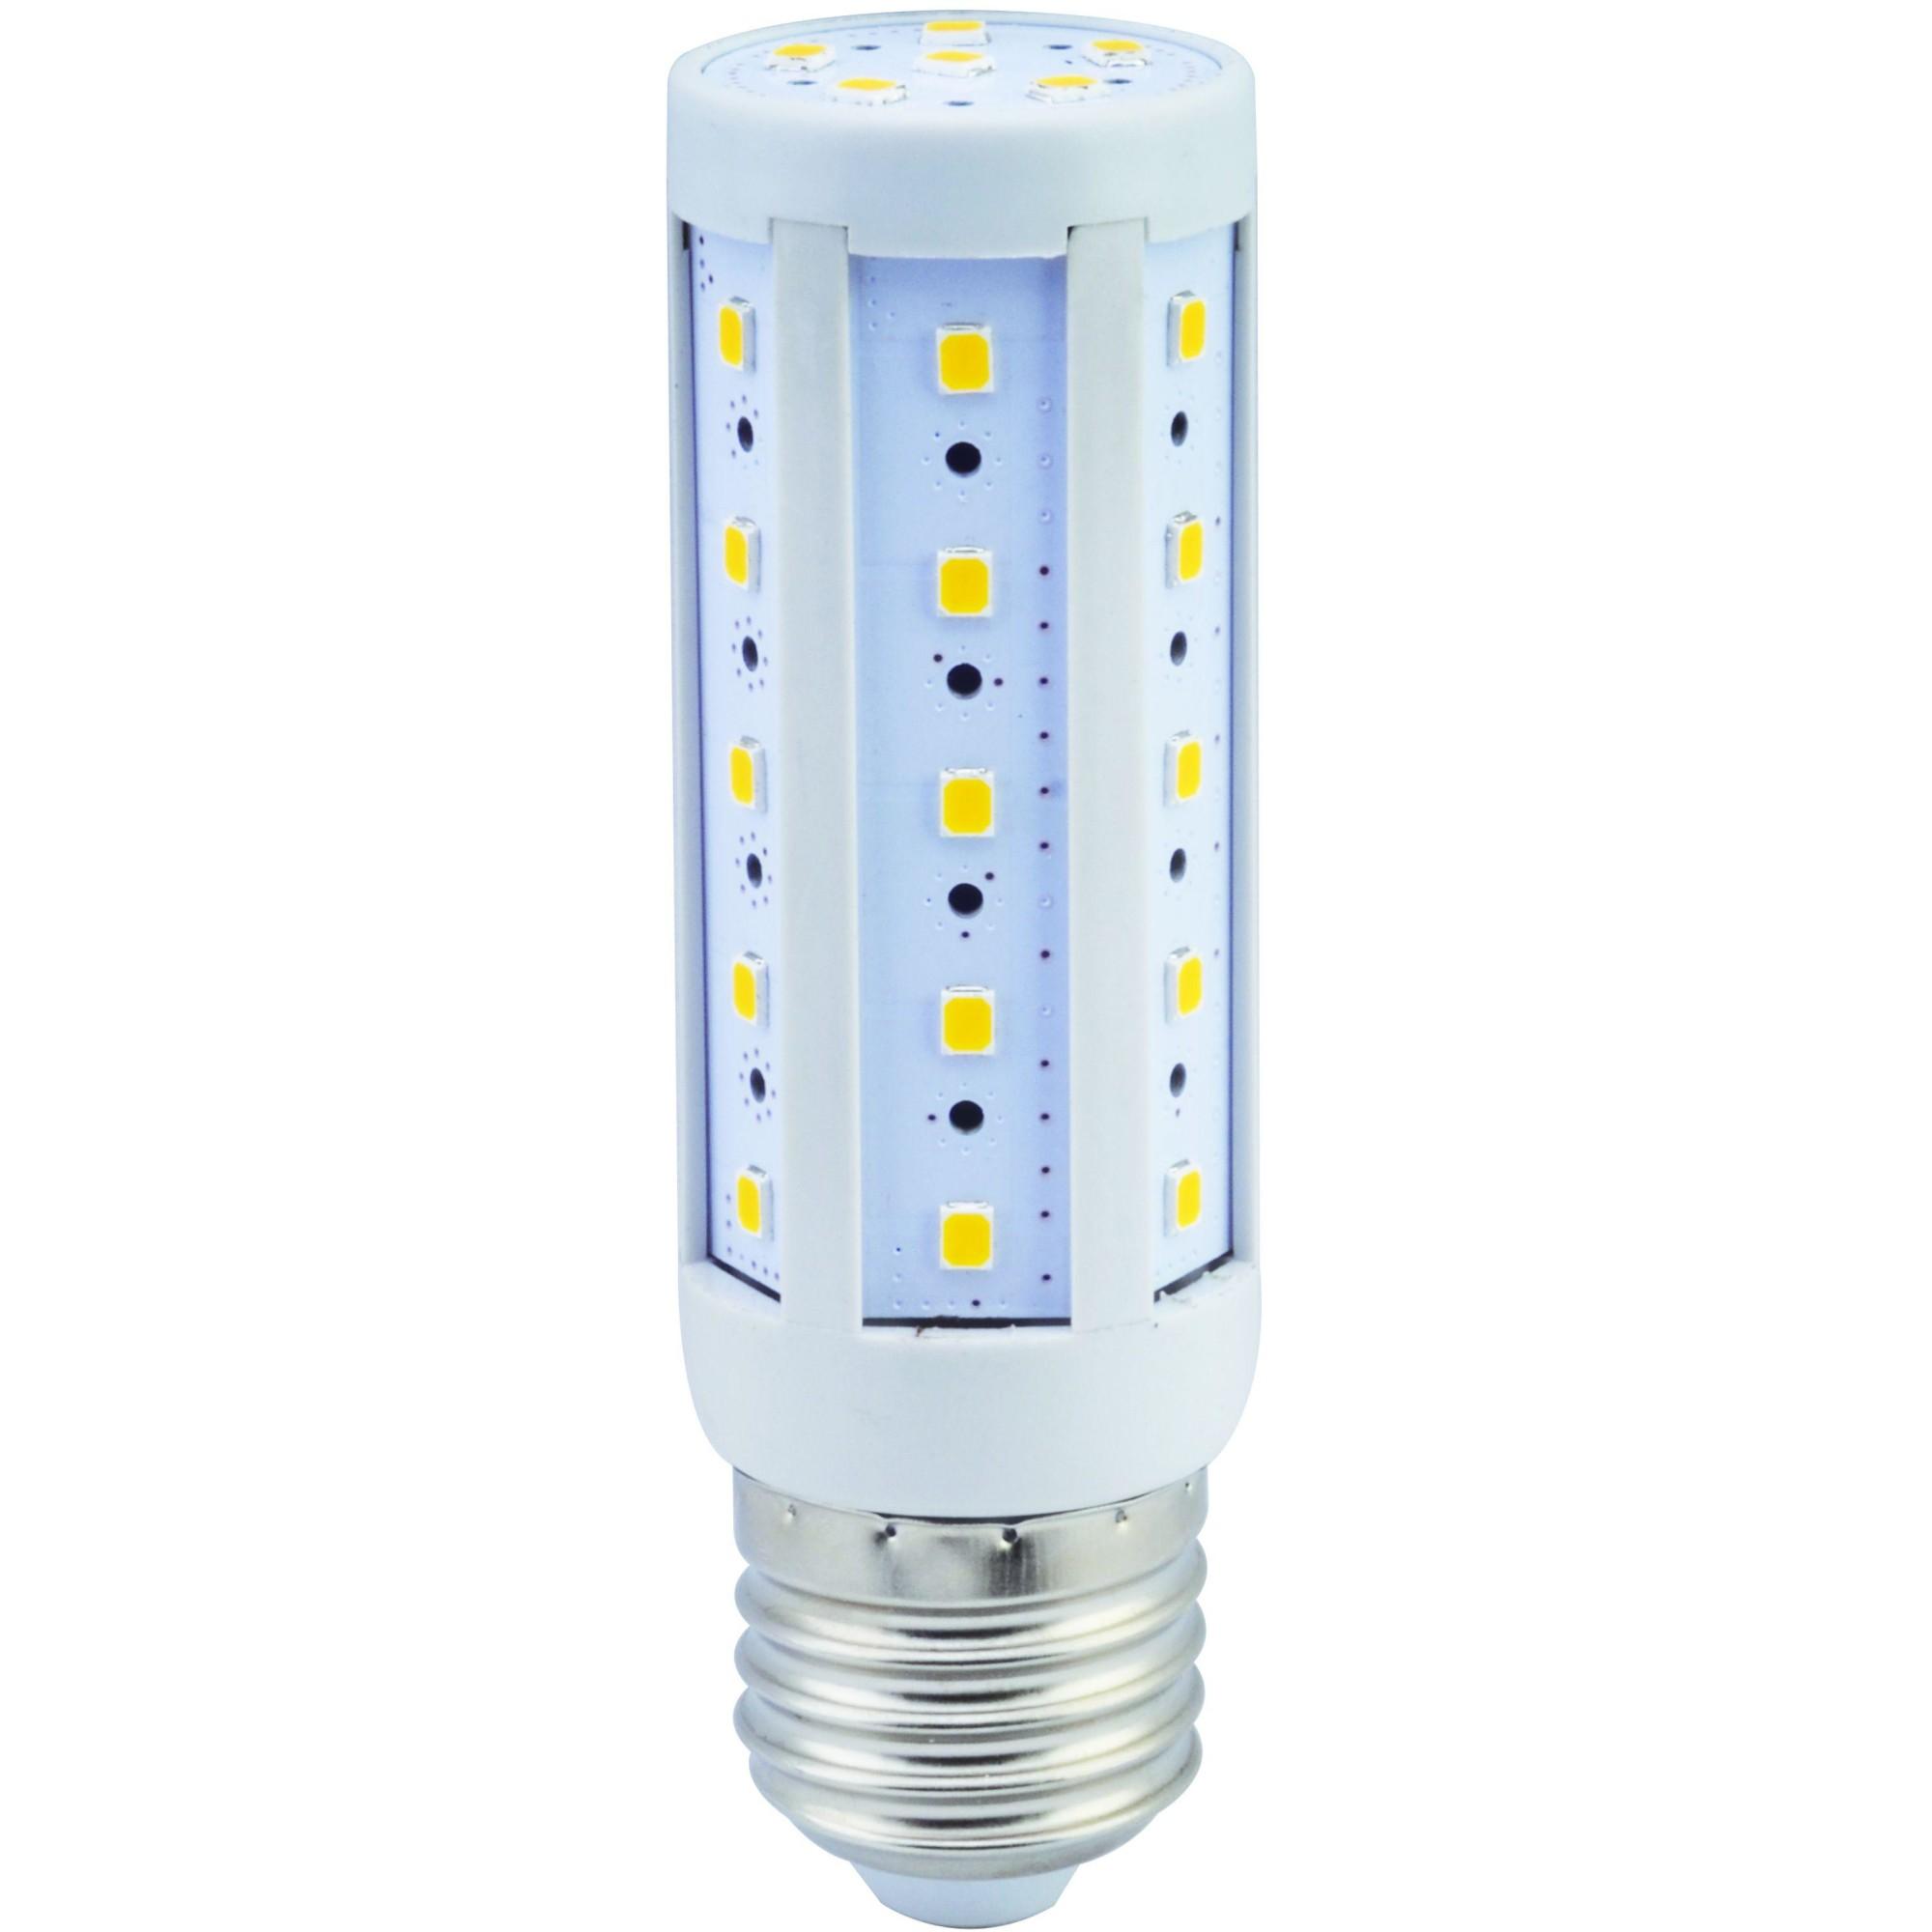 Лампа Ecola Premium светодионая E27 9.50 Вт кукуруза 855 Лм нейтральный свет